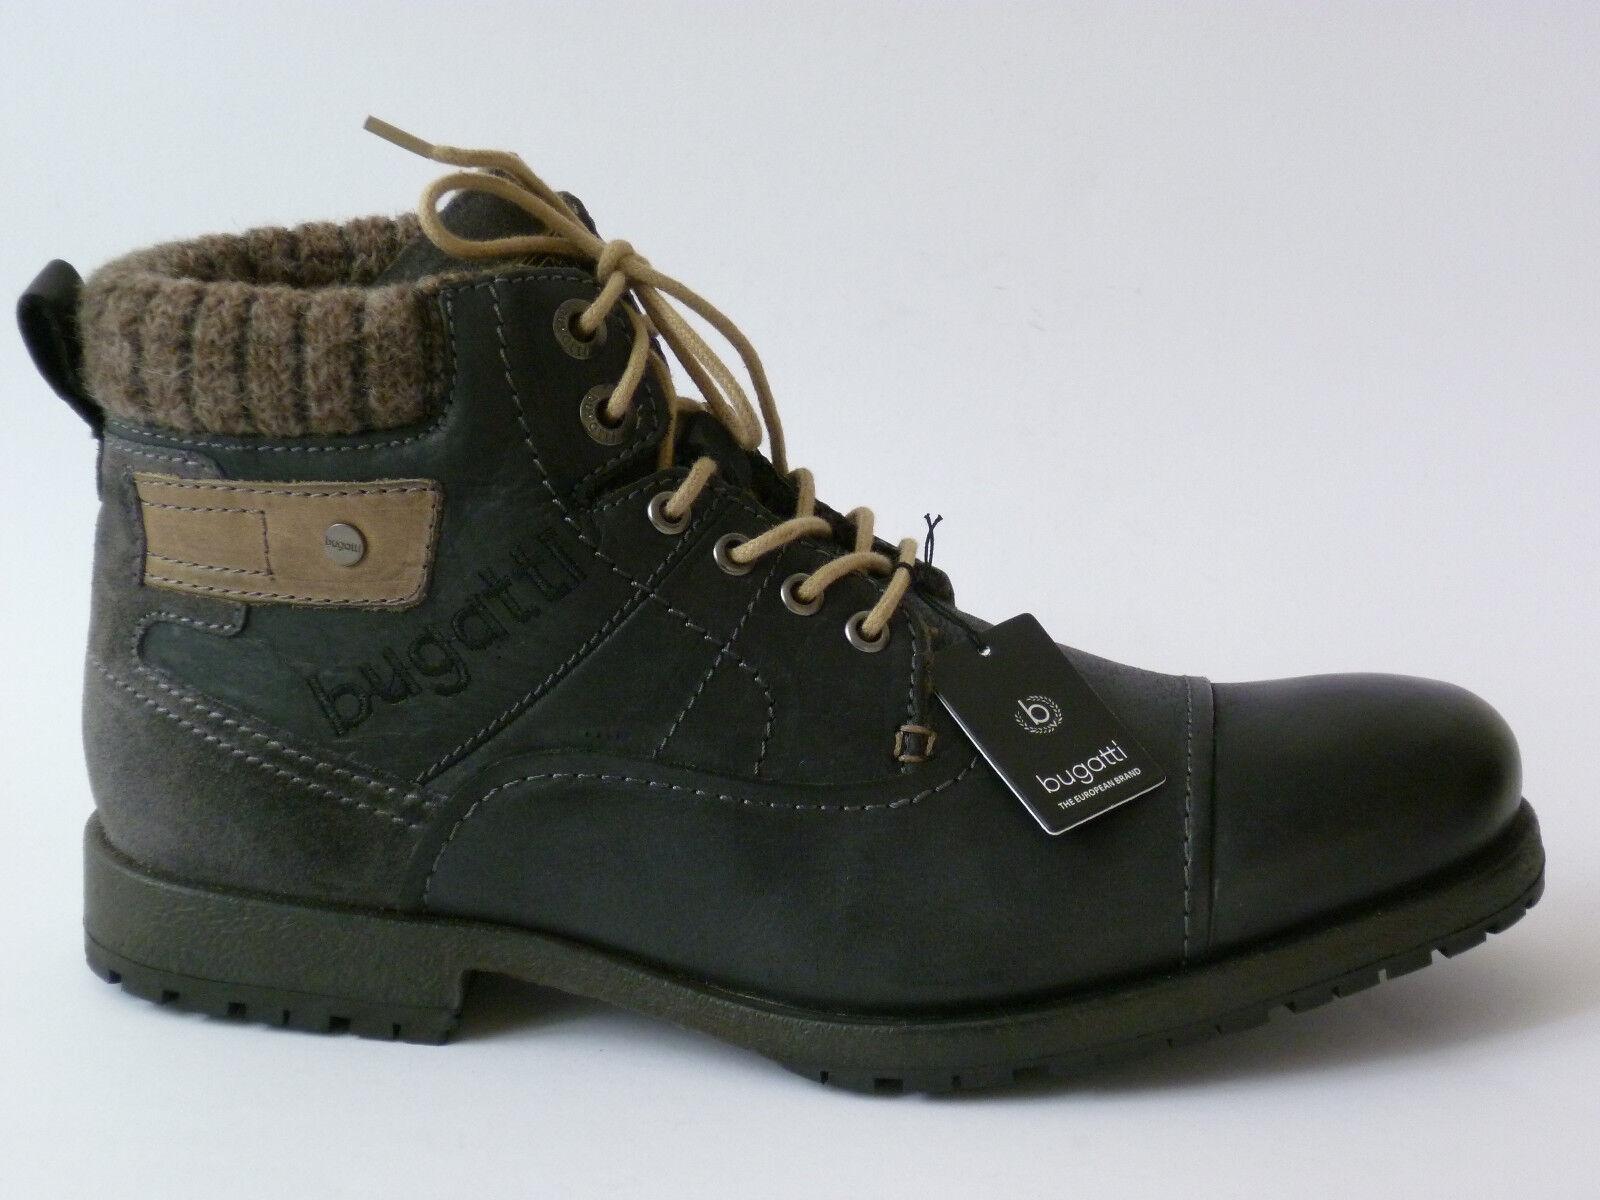 Bugatti botas señores Boots Boots señores 44 45 46 cuero negro forrado nuevo d05f92